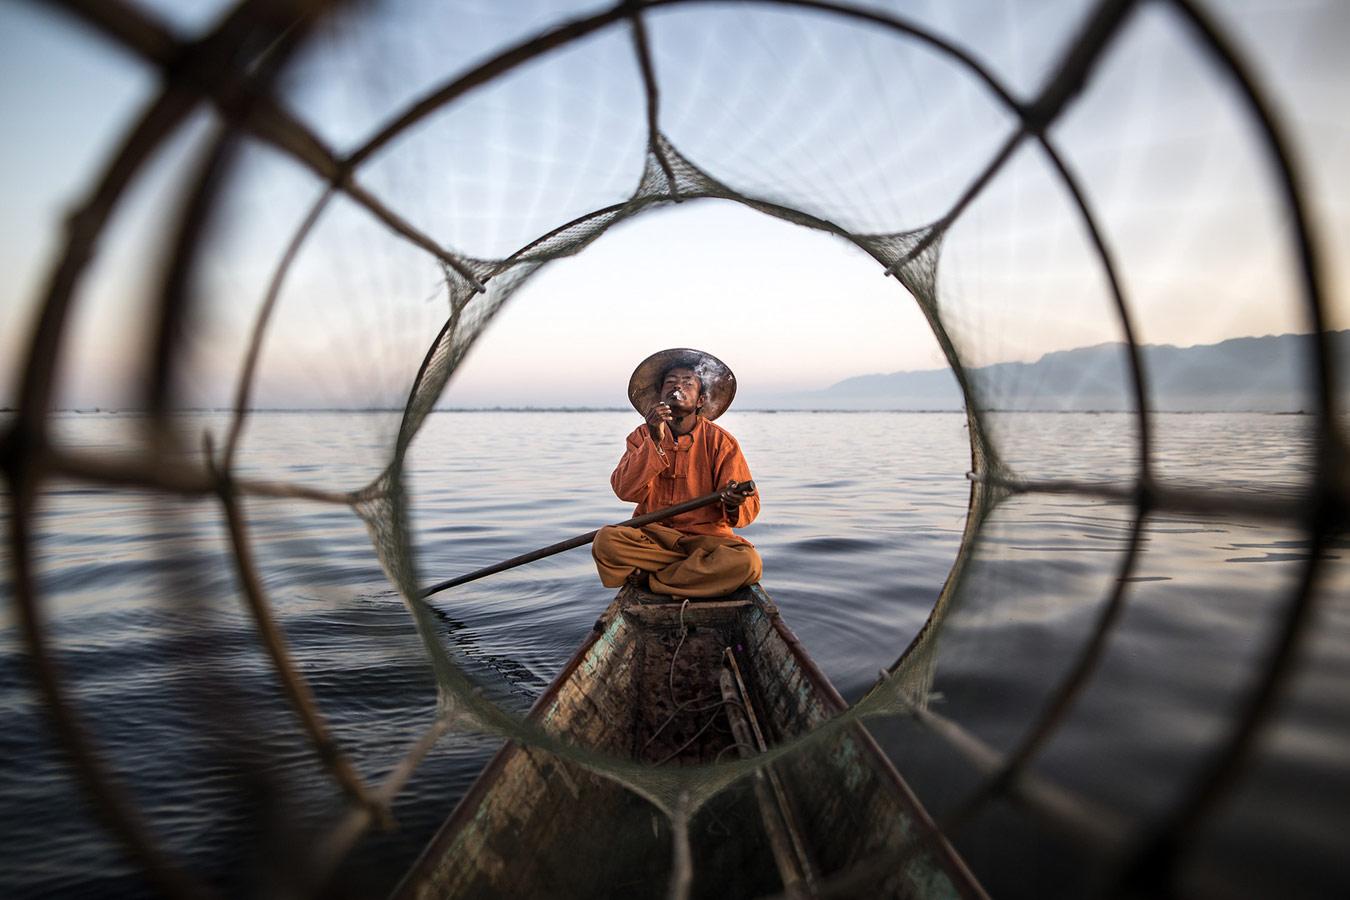 © Габриэле Педемонте, На рыбалку?, Победитель категории «Путешествие» (одиночный кадр), Конкурс уличной фотографии ASPA